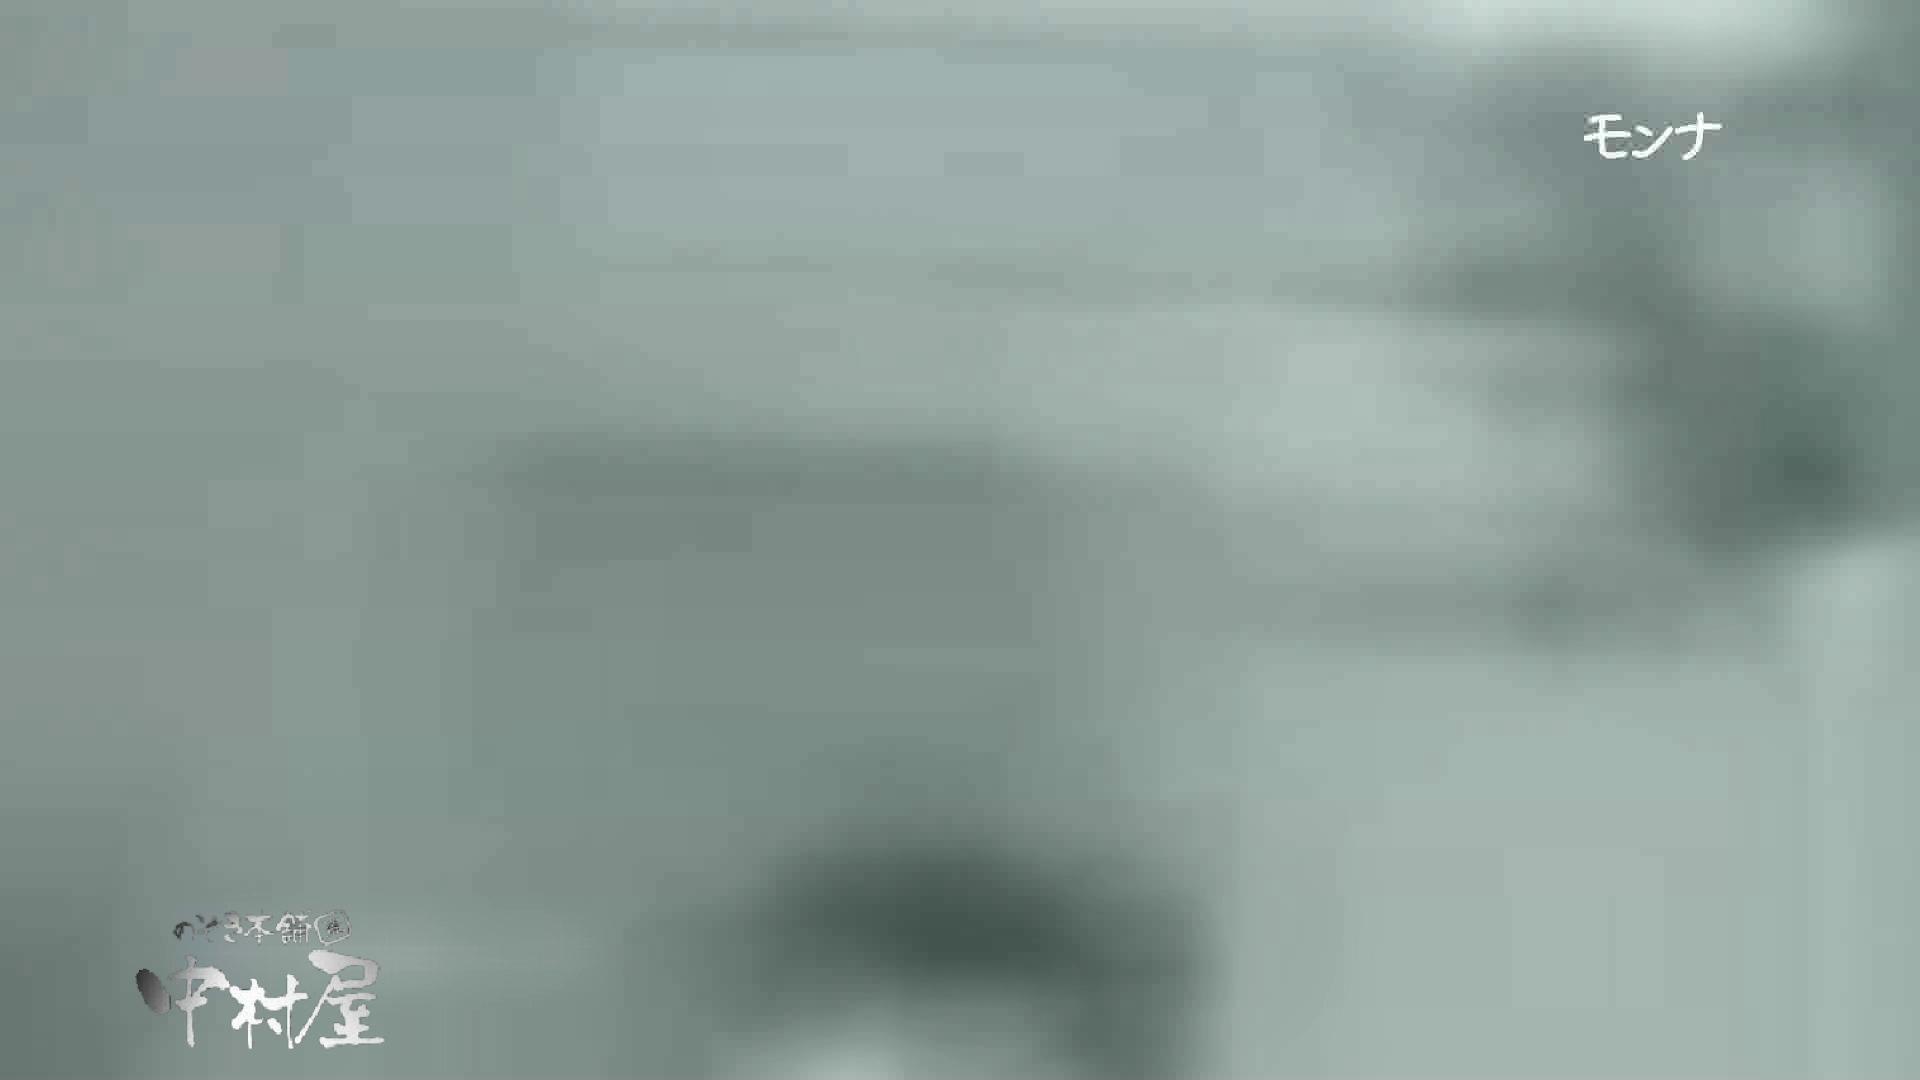 【美しい日本の未来】遂に!!戸田恵梨香似の予告モデル登場ダッシュで「大」後編 おまんこ見放題  101PIX 12